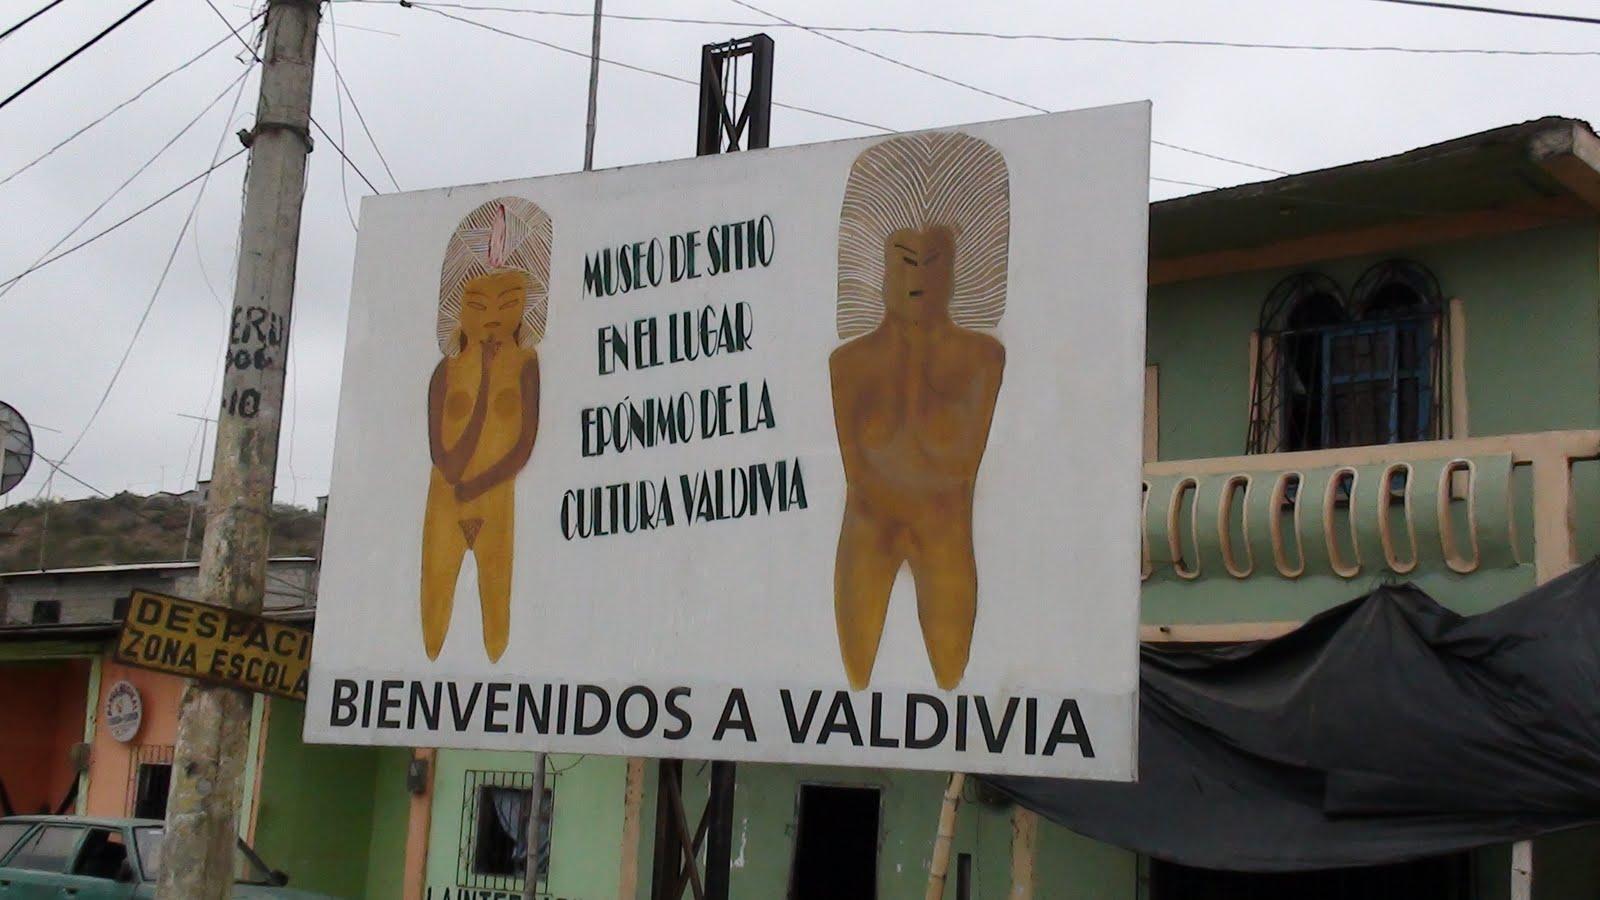 Cultura Valdivia Ecuador